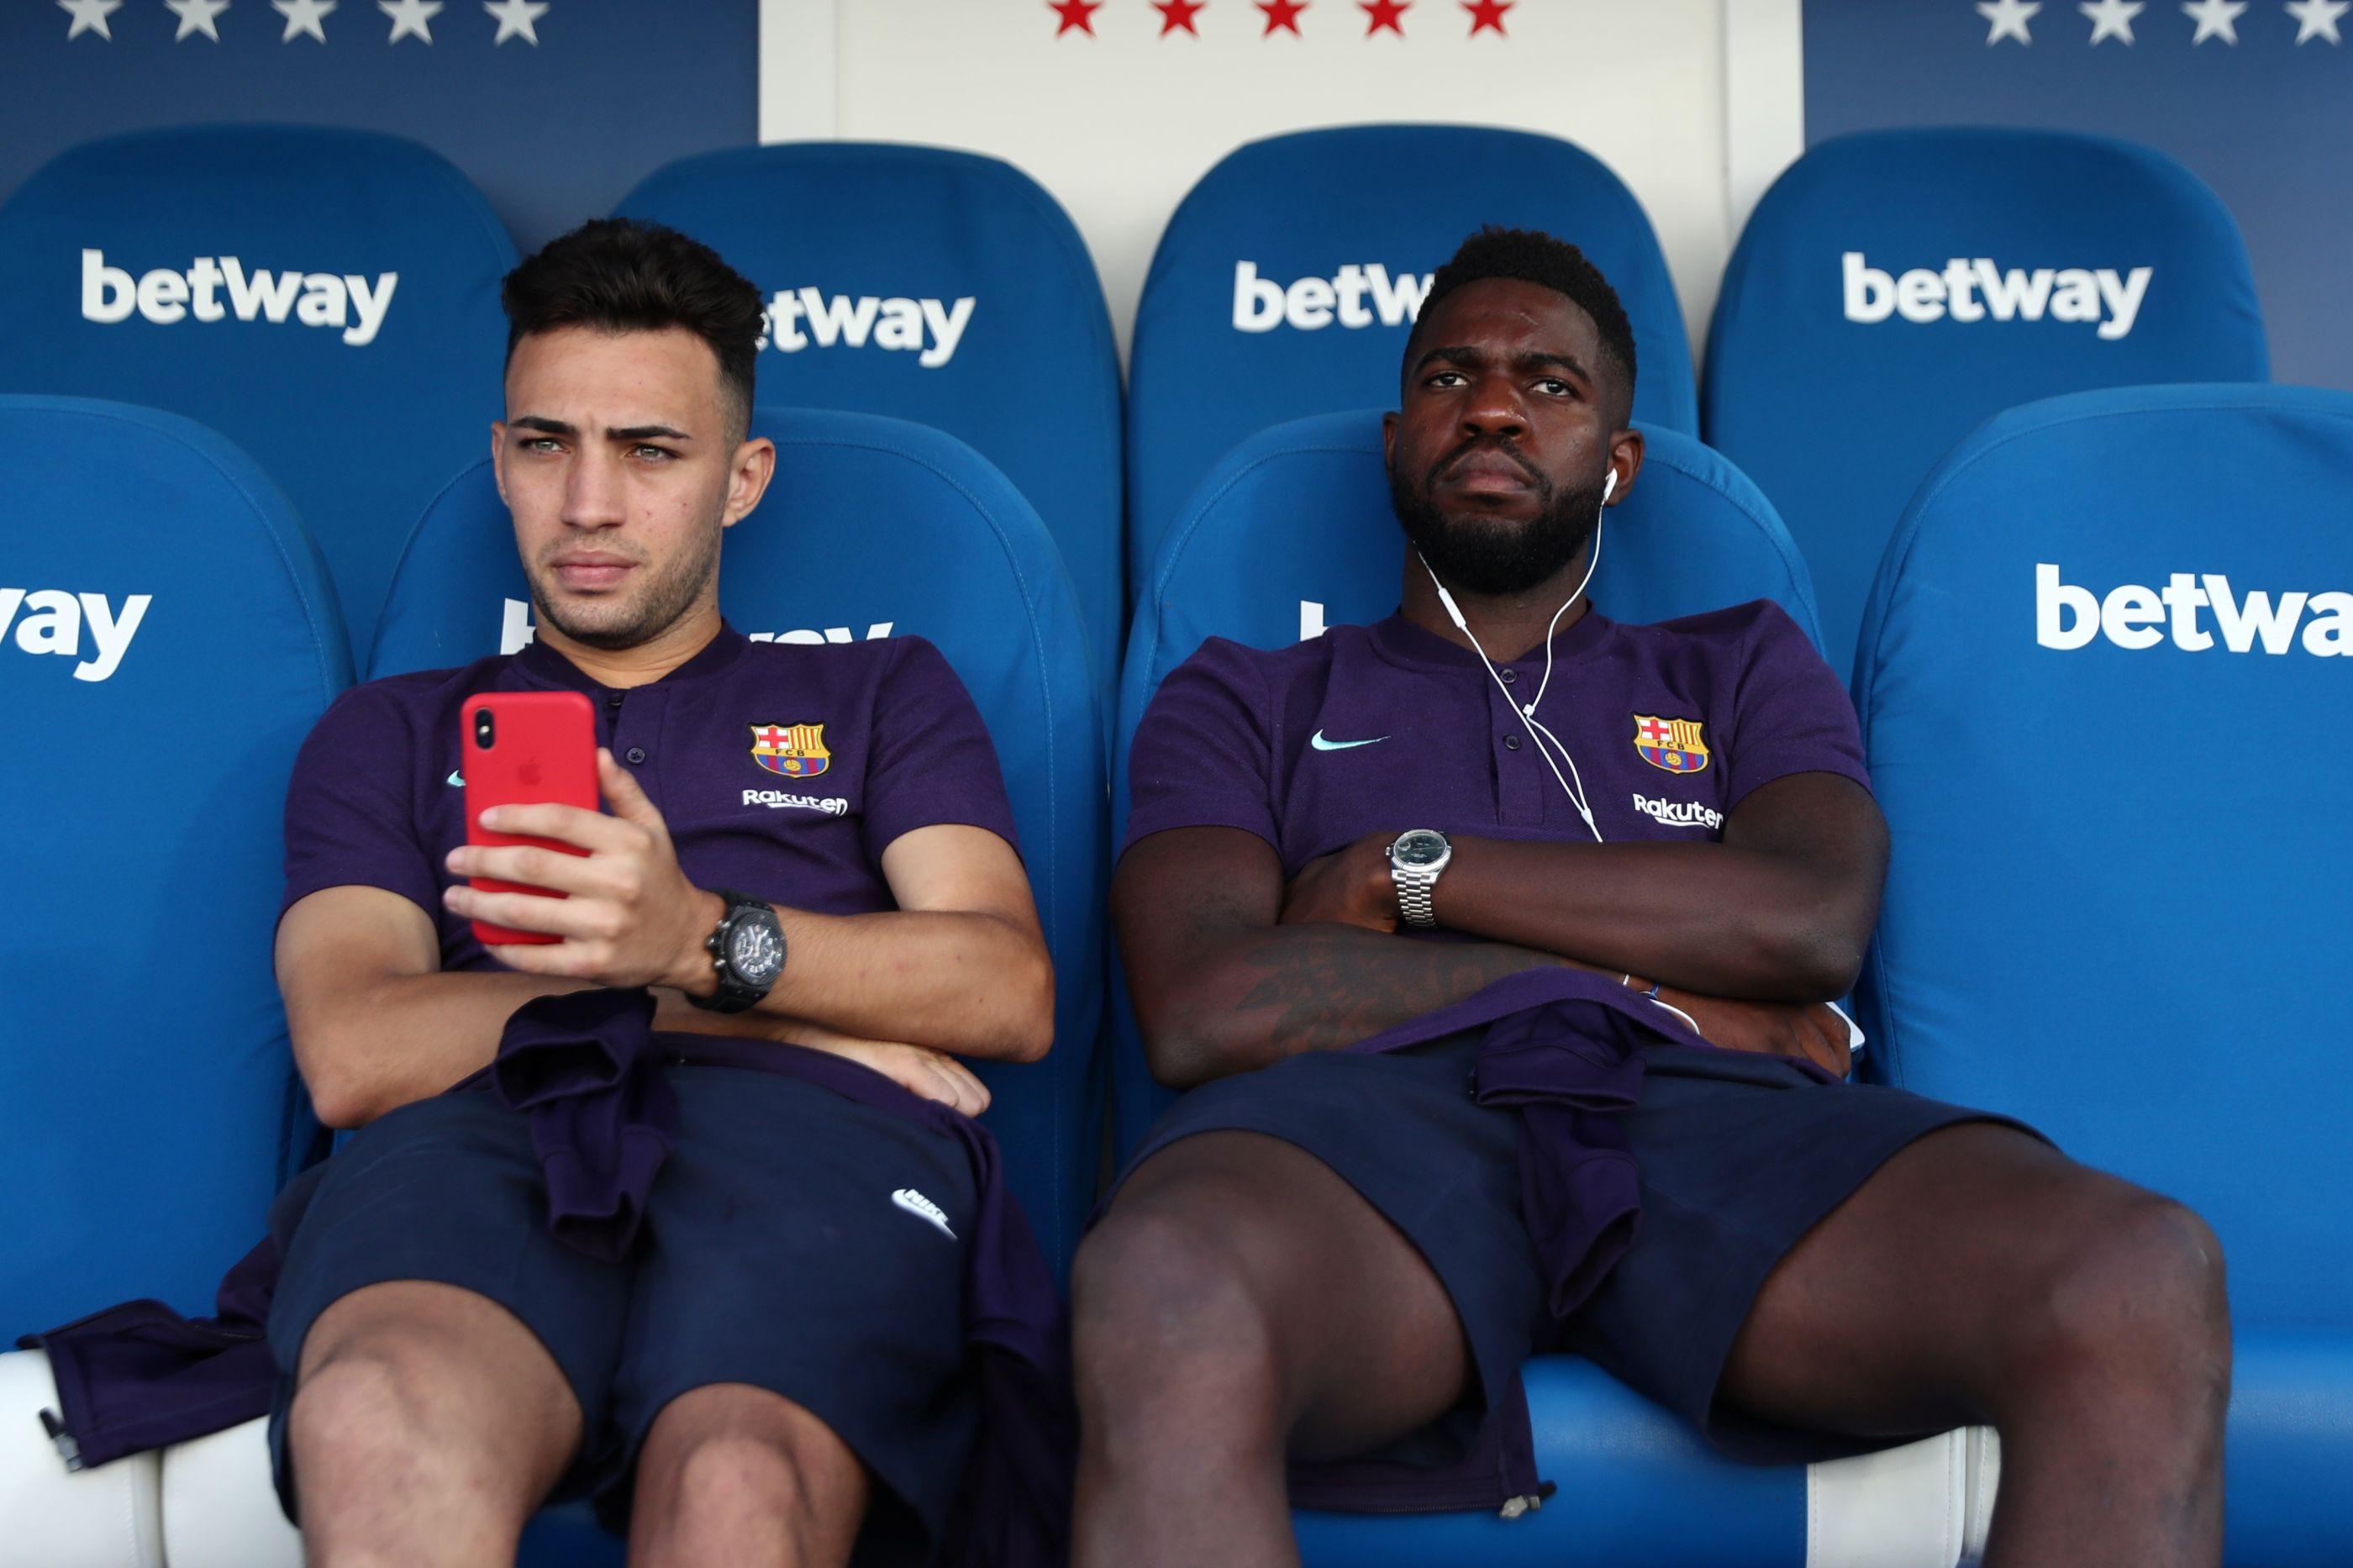 Umtiti poderá ser operado e desfalcar o Barcelona até quatro meses